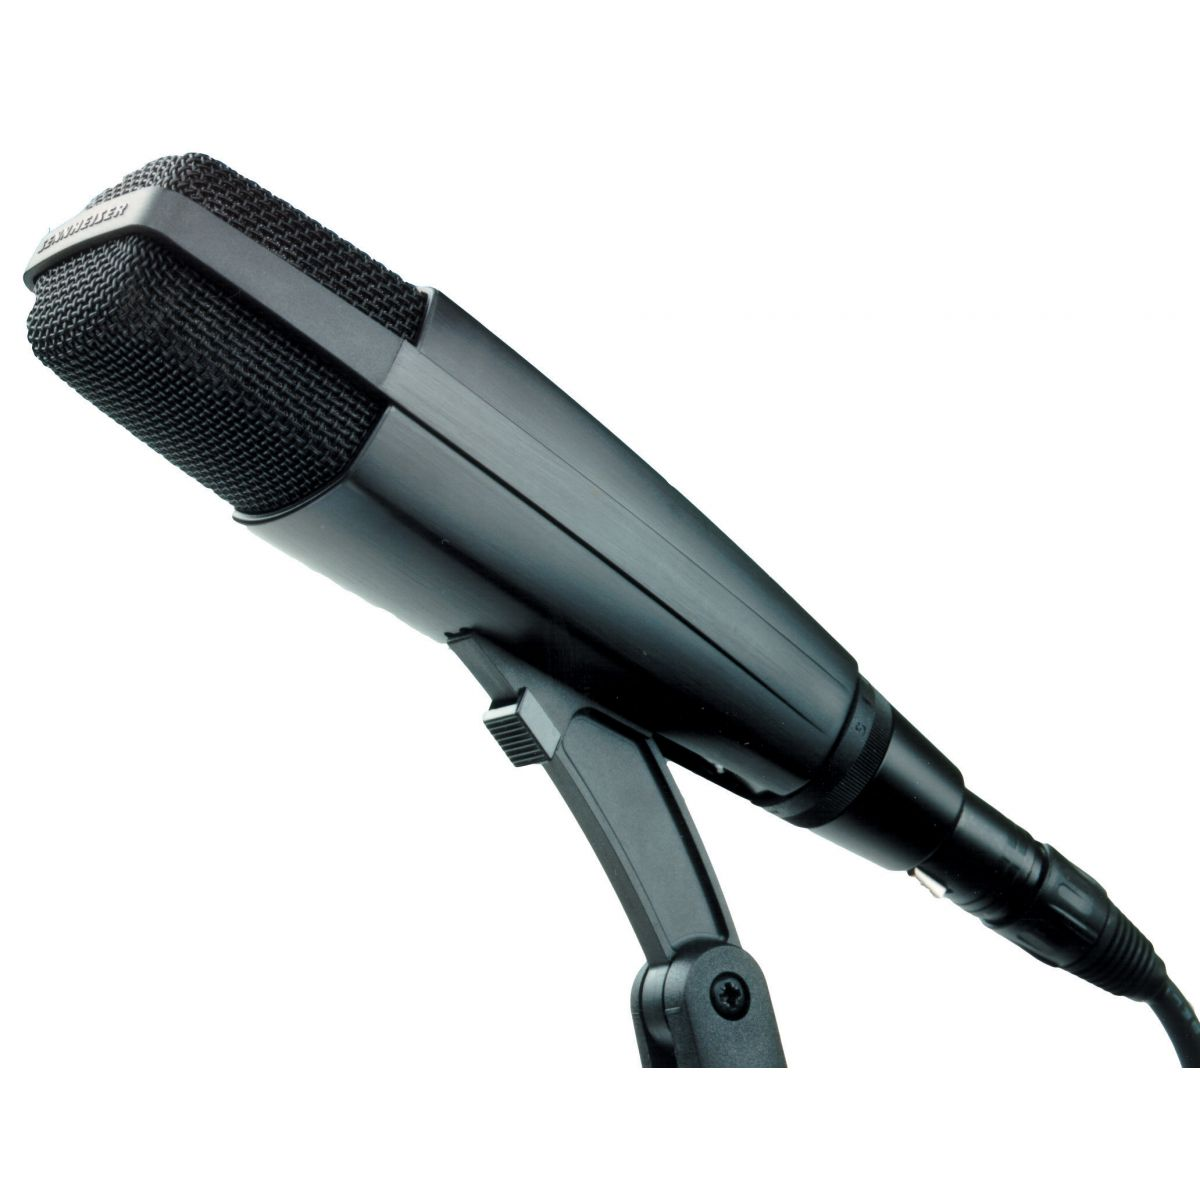 Sennheiser MD 421 2 Microfone Dinâmico Cardióide